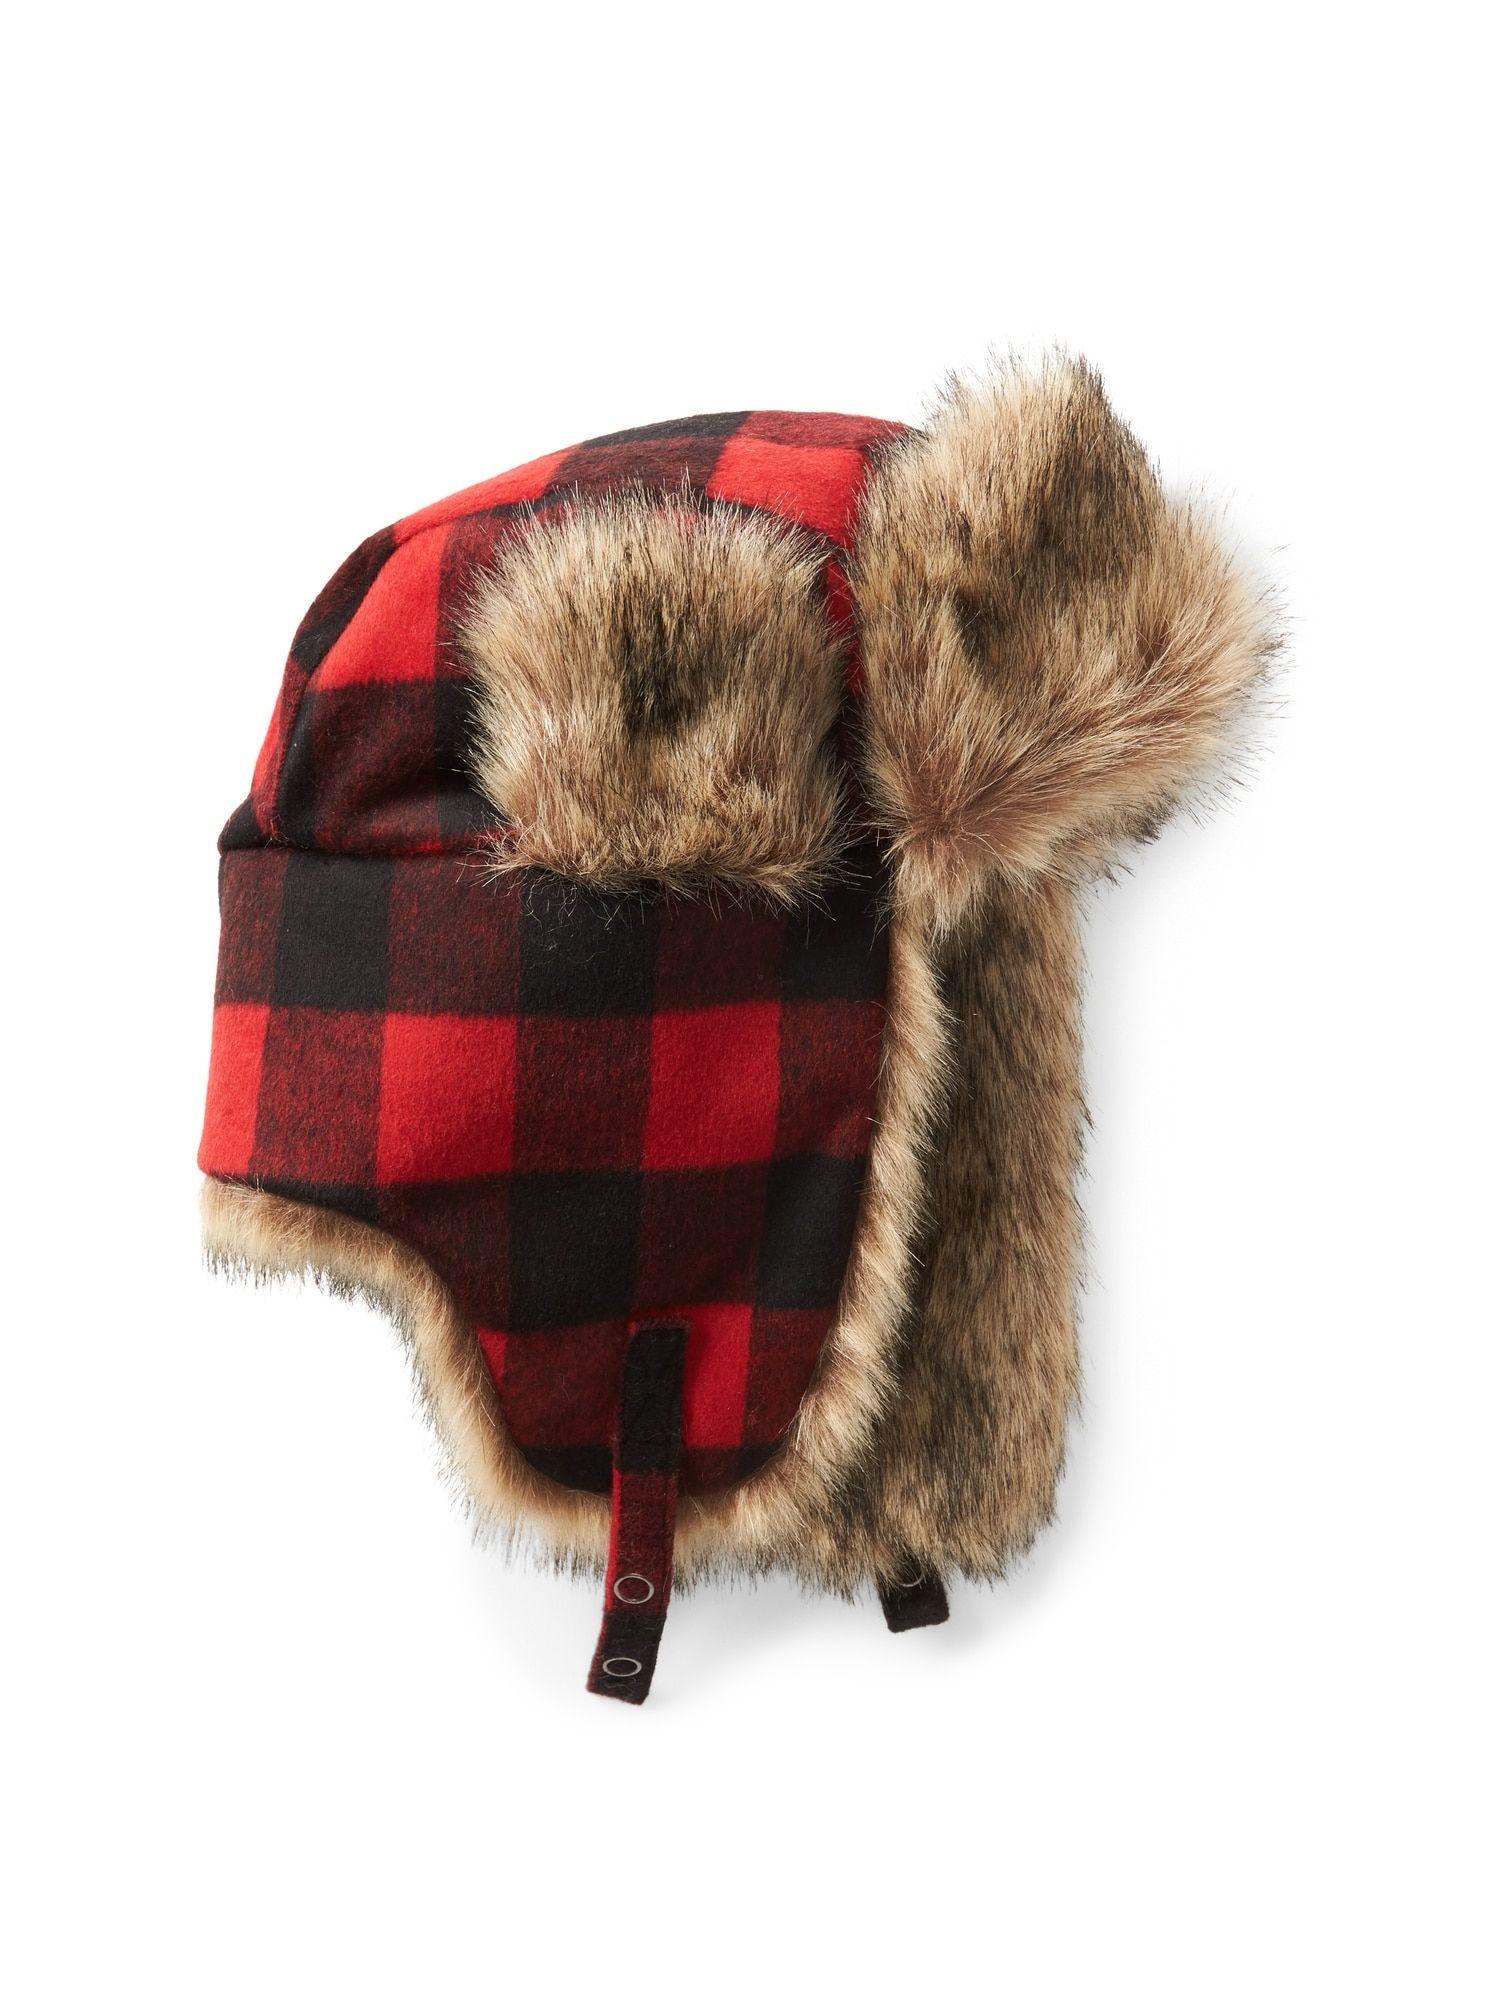 b652796ed95 Wool plaid trapper hat